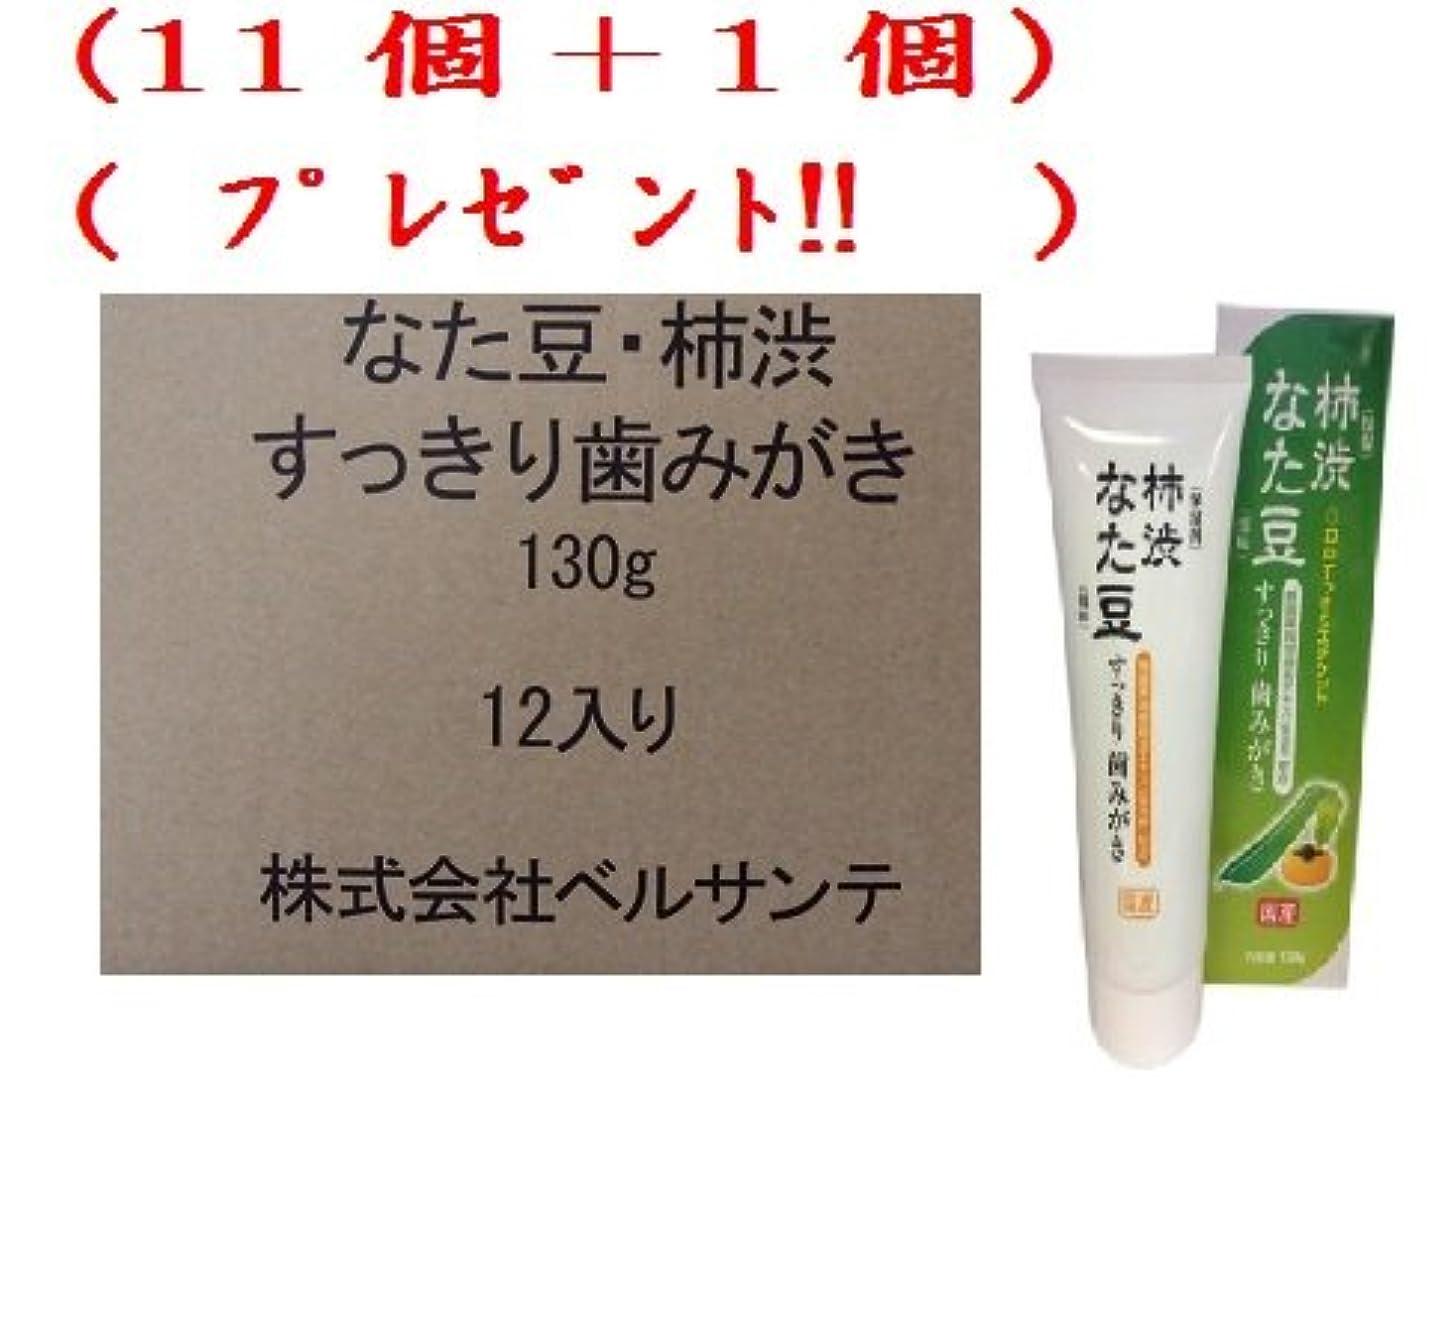 ナタ豆柿渋歯みがき130g(●11個購入特別価額+1個プレゼント)